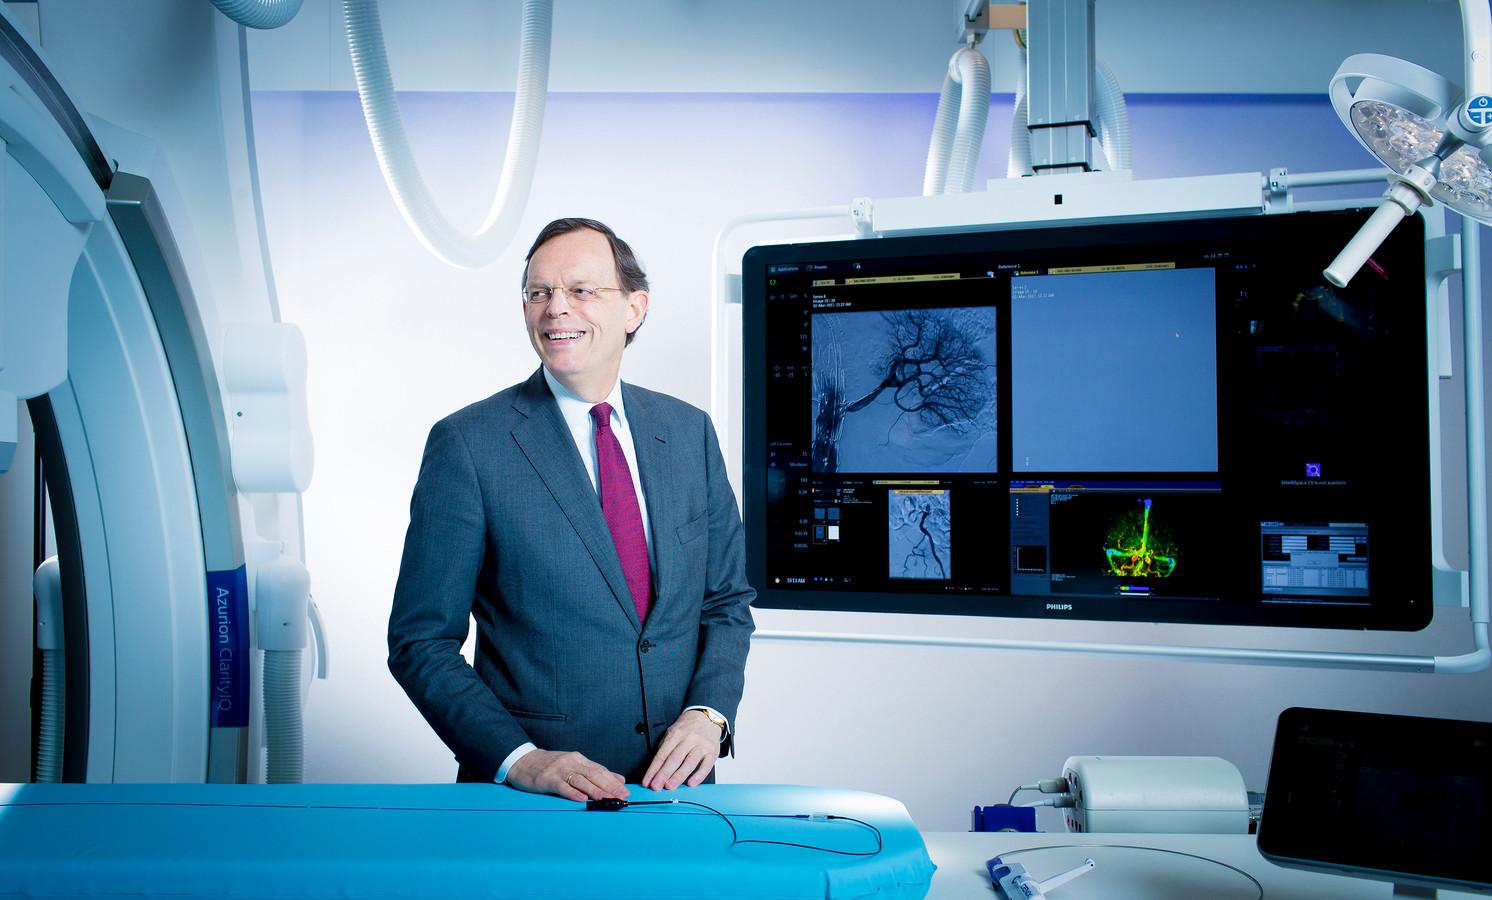 Nederland Best Hans de Jong, CEO Philips Benelux. FOTO: Erik van der Burgt/VRBLD photofilm/Hollandse Hoogte